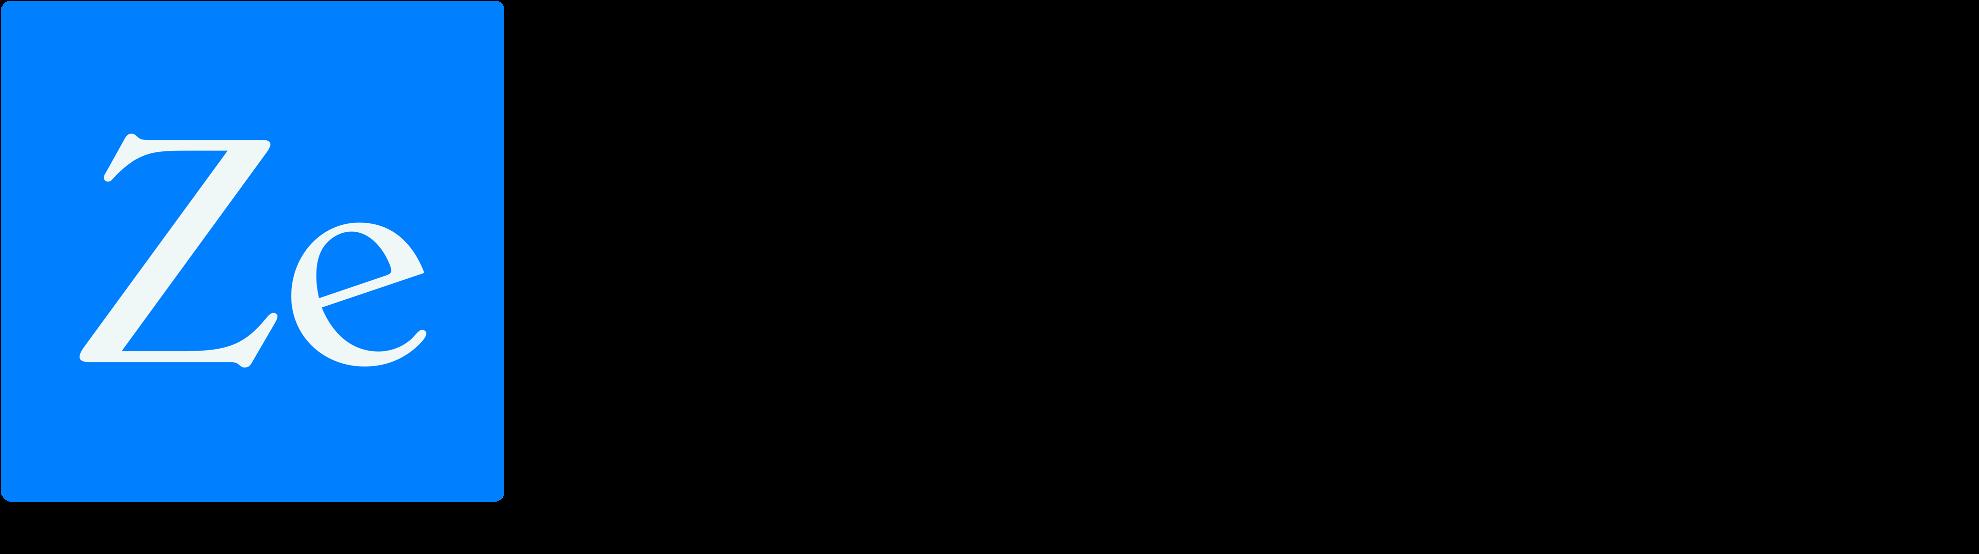 Zebrium Logo